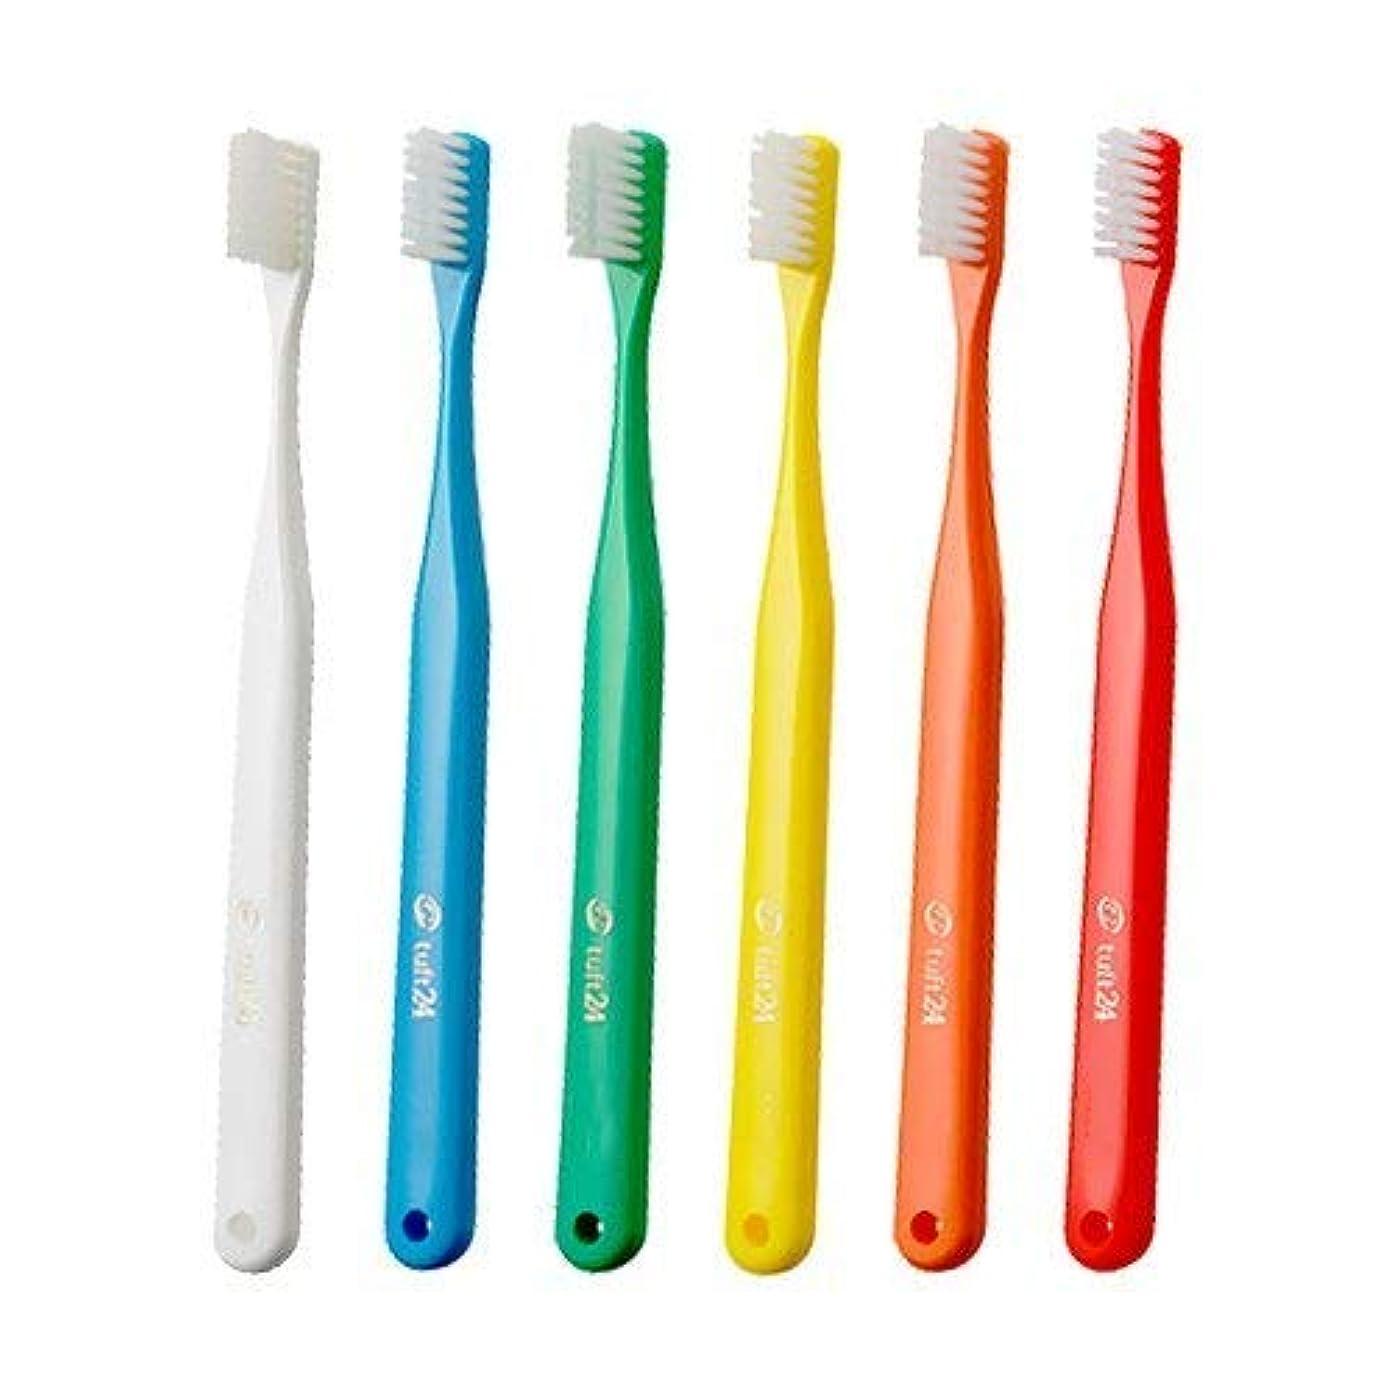 学んだくさびそれらキャップなし タフト24 歯ブラシ × 25本入 MS アソート